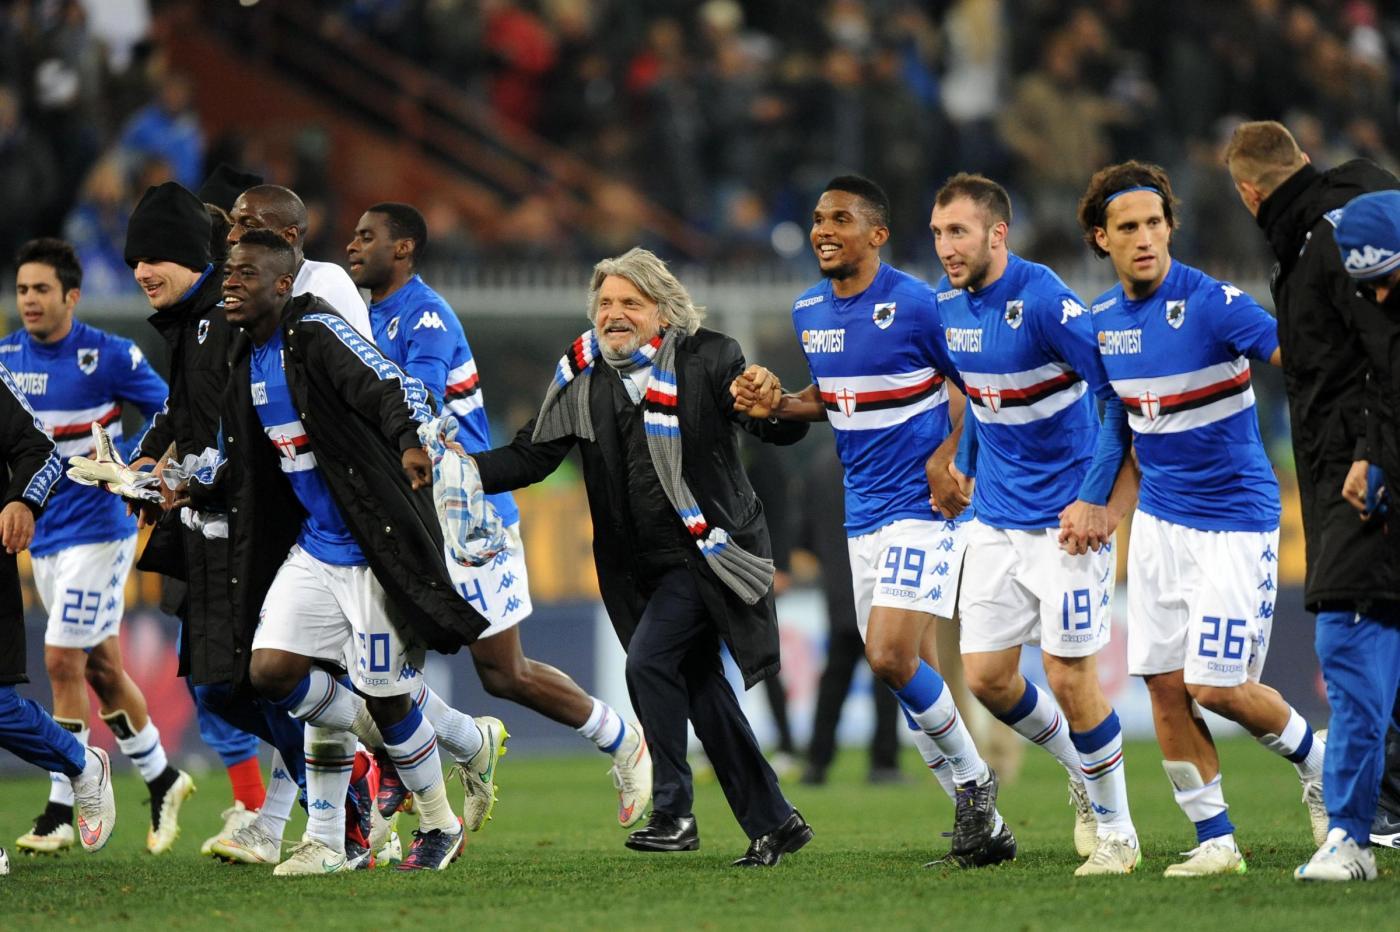 Pagelle Serie A 2014/15: i voti della 28esima giornata